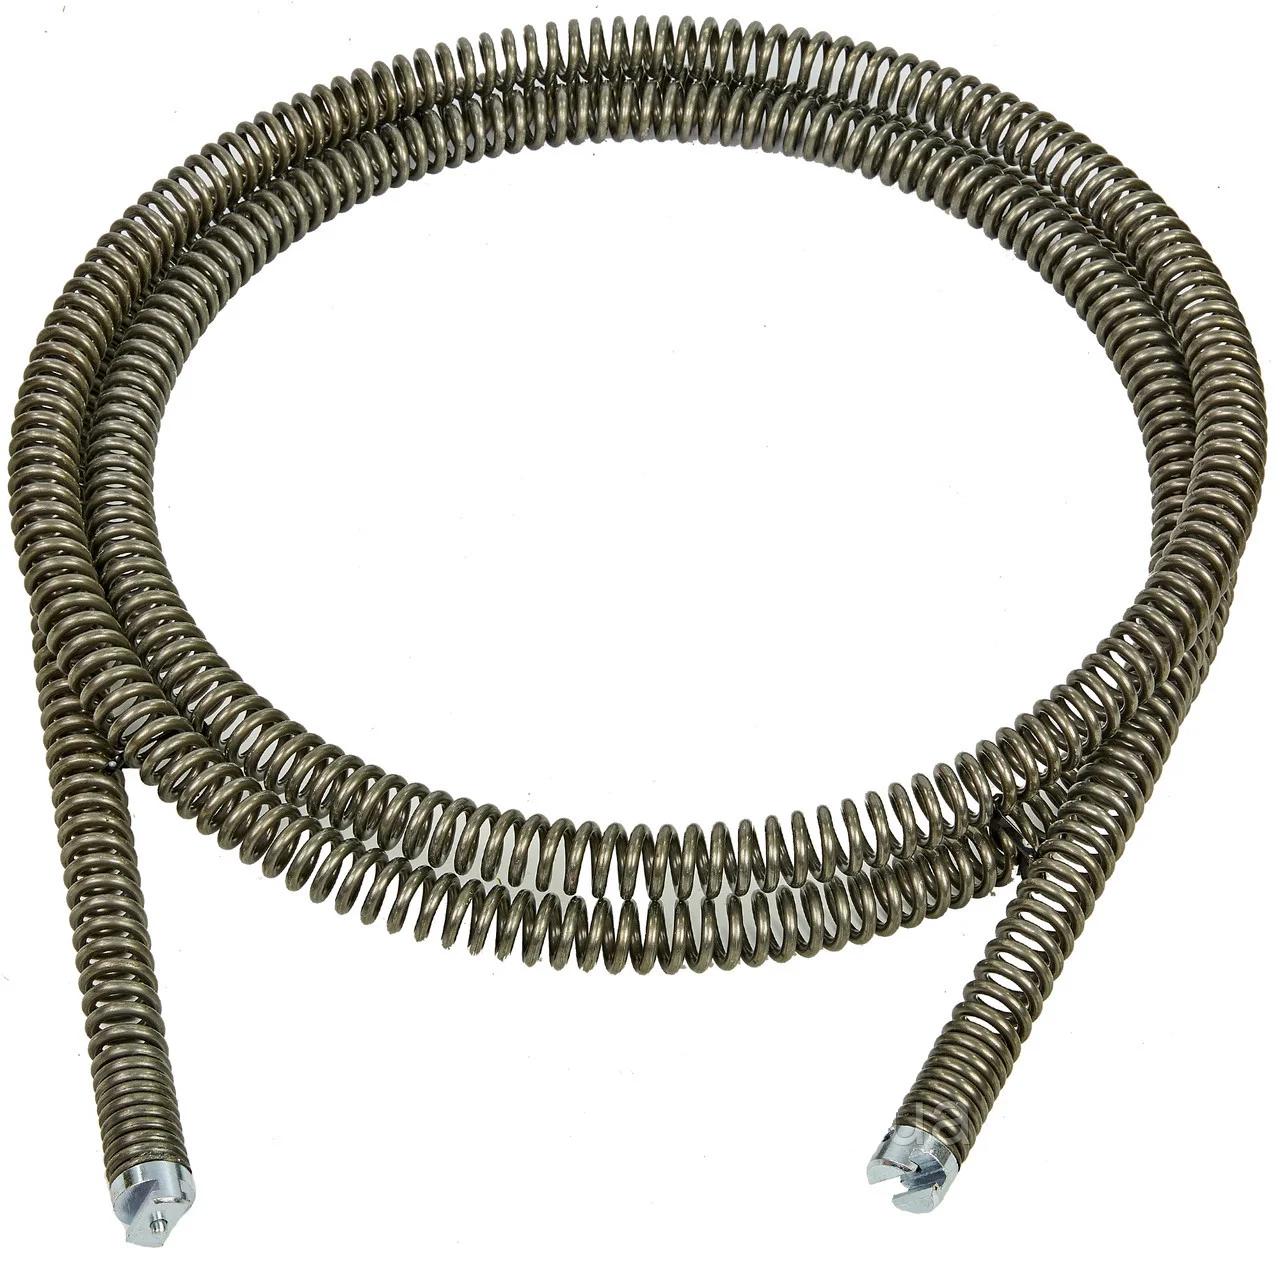 Секционный гибкий трос DALI R-4-2 (4.6 метра, 22 мм)